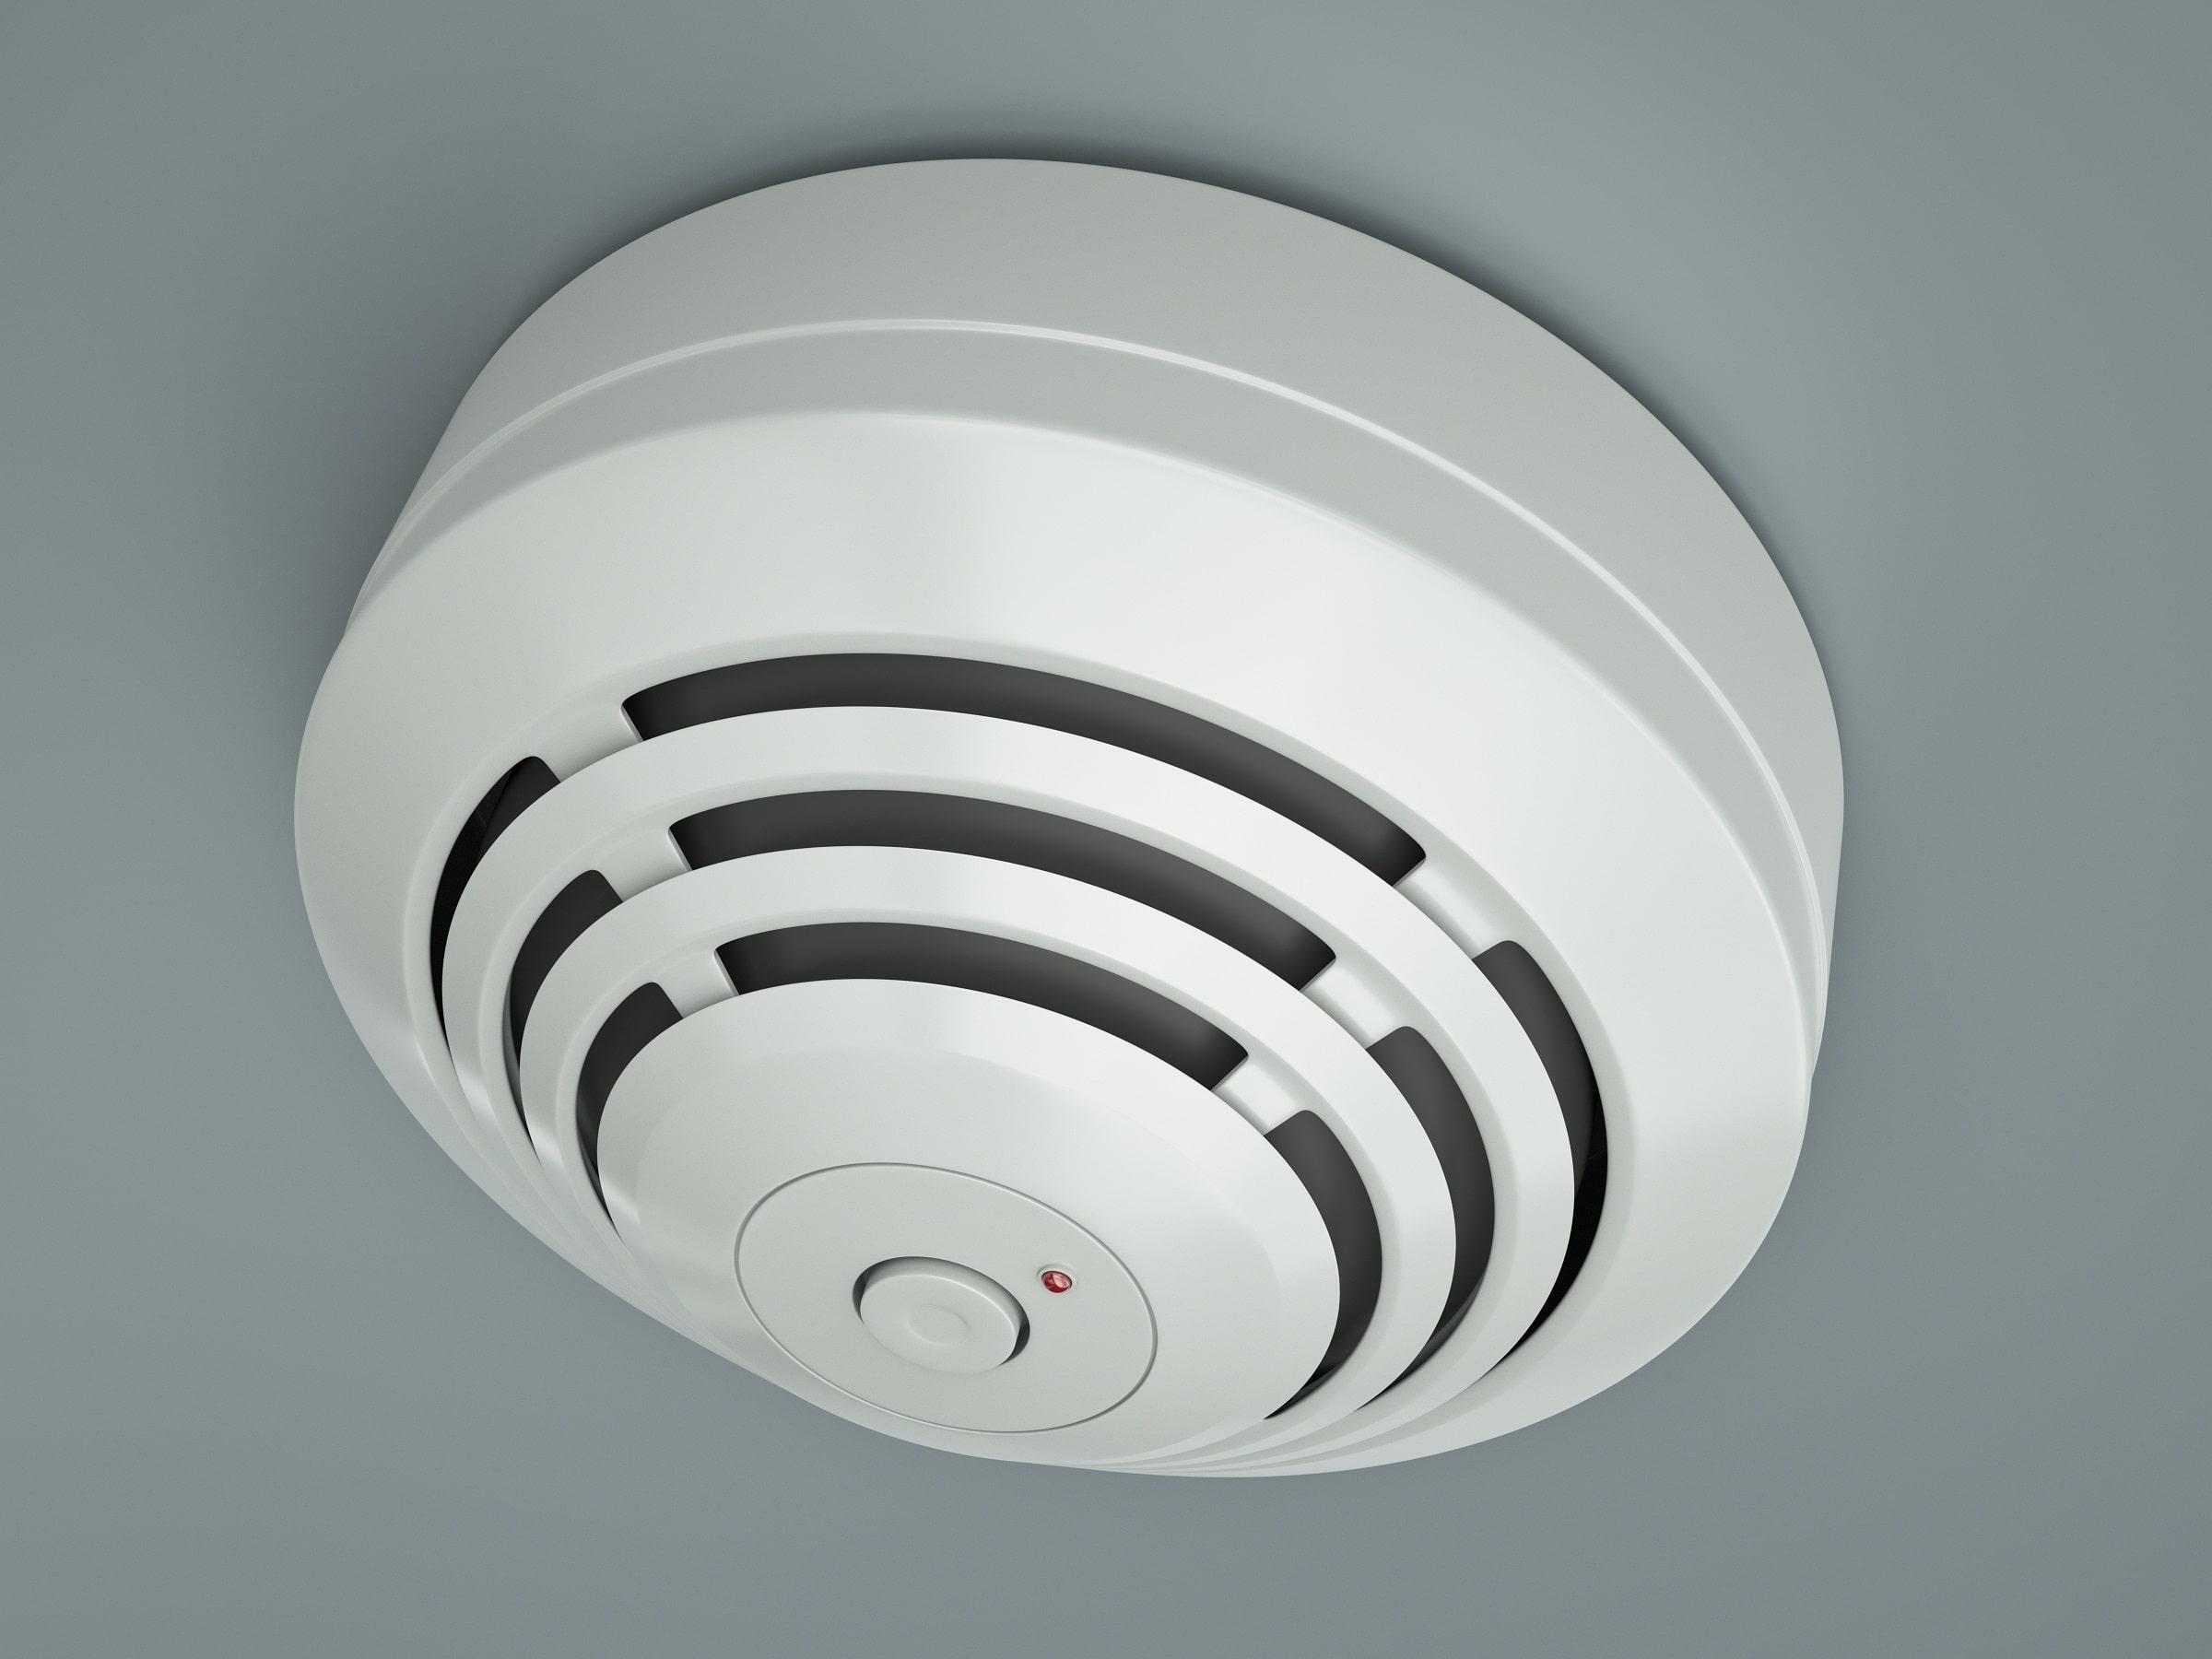 El detector de humo - Blog Seguridad contra Incendios